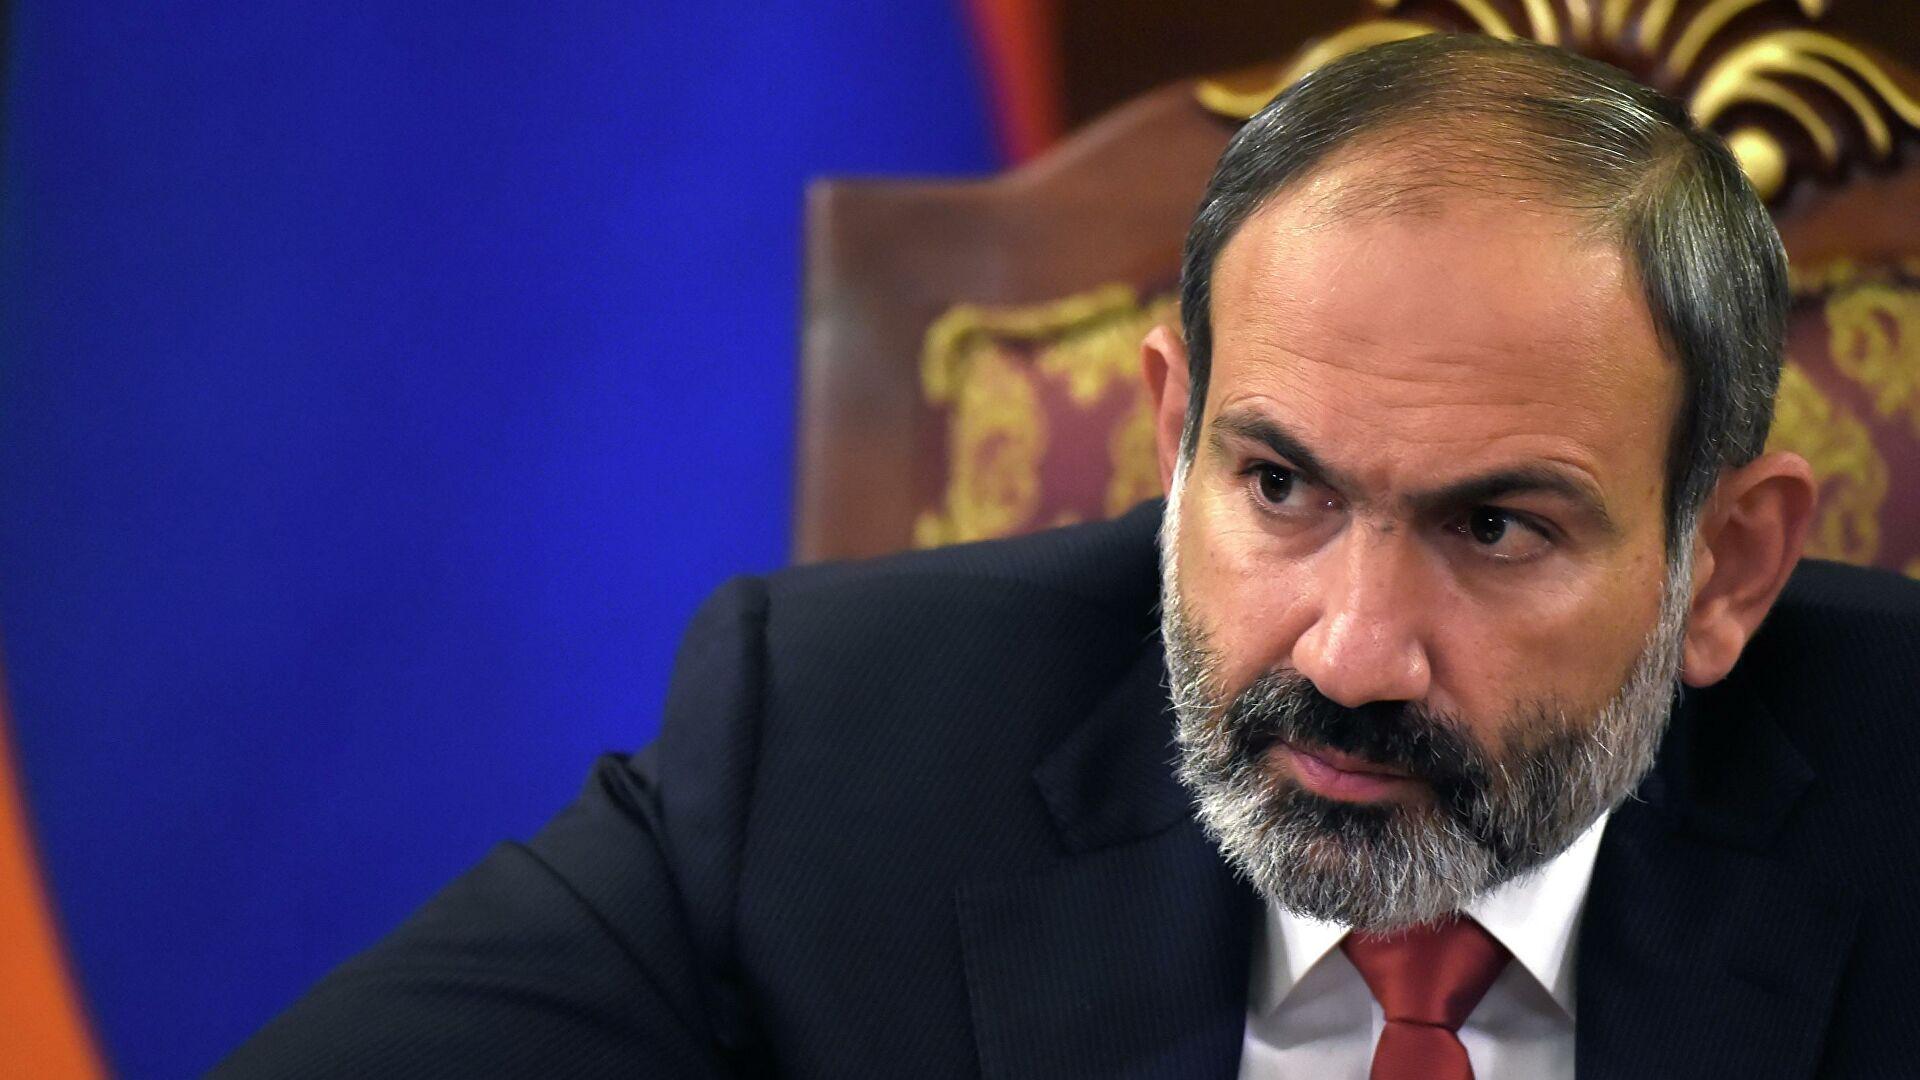 Pašinjan: Očekujem da Francuska prizna nezavisnost Nagorno-Karabaha